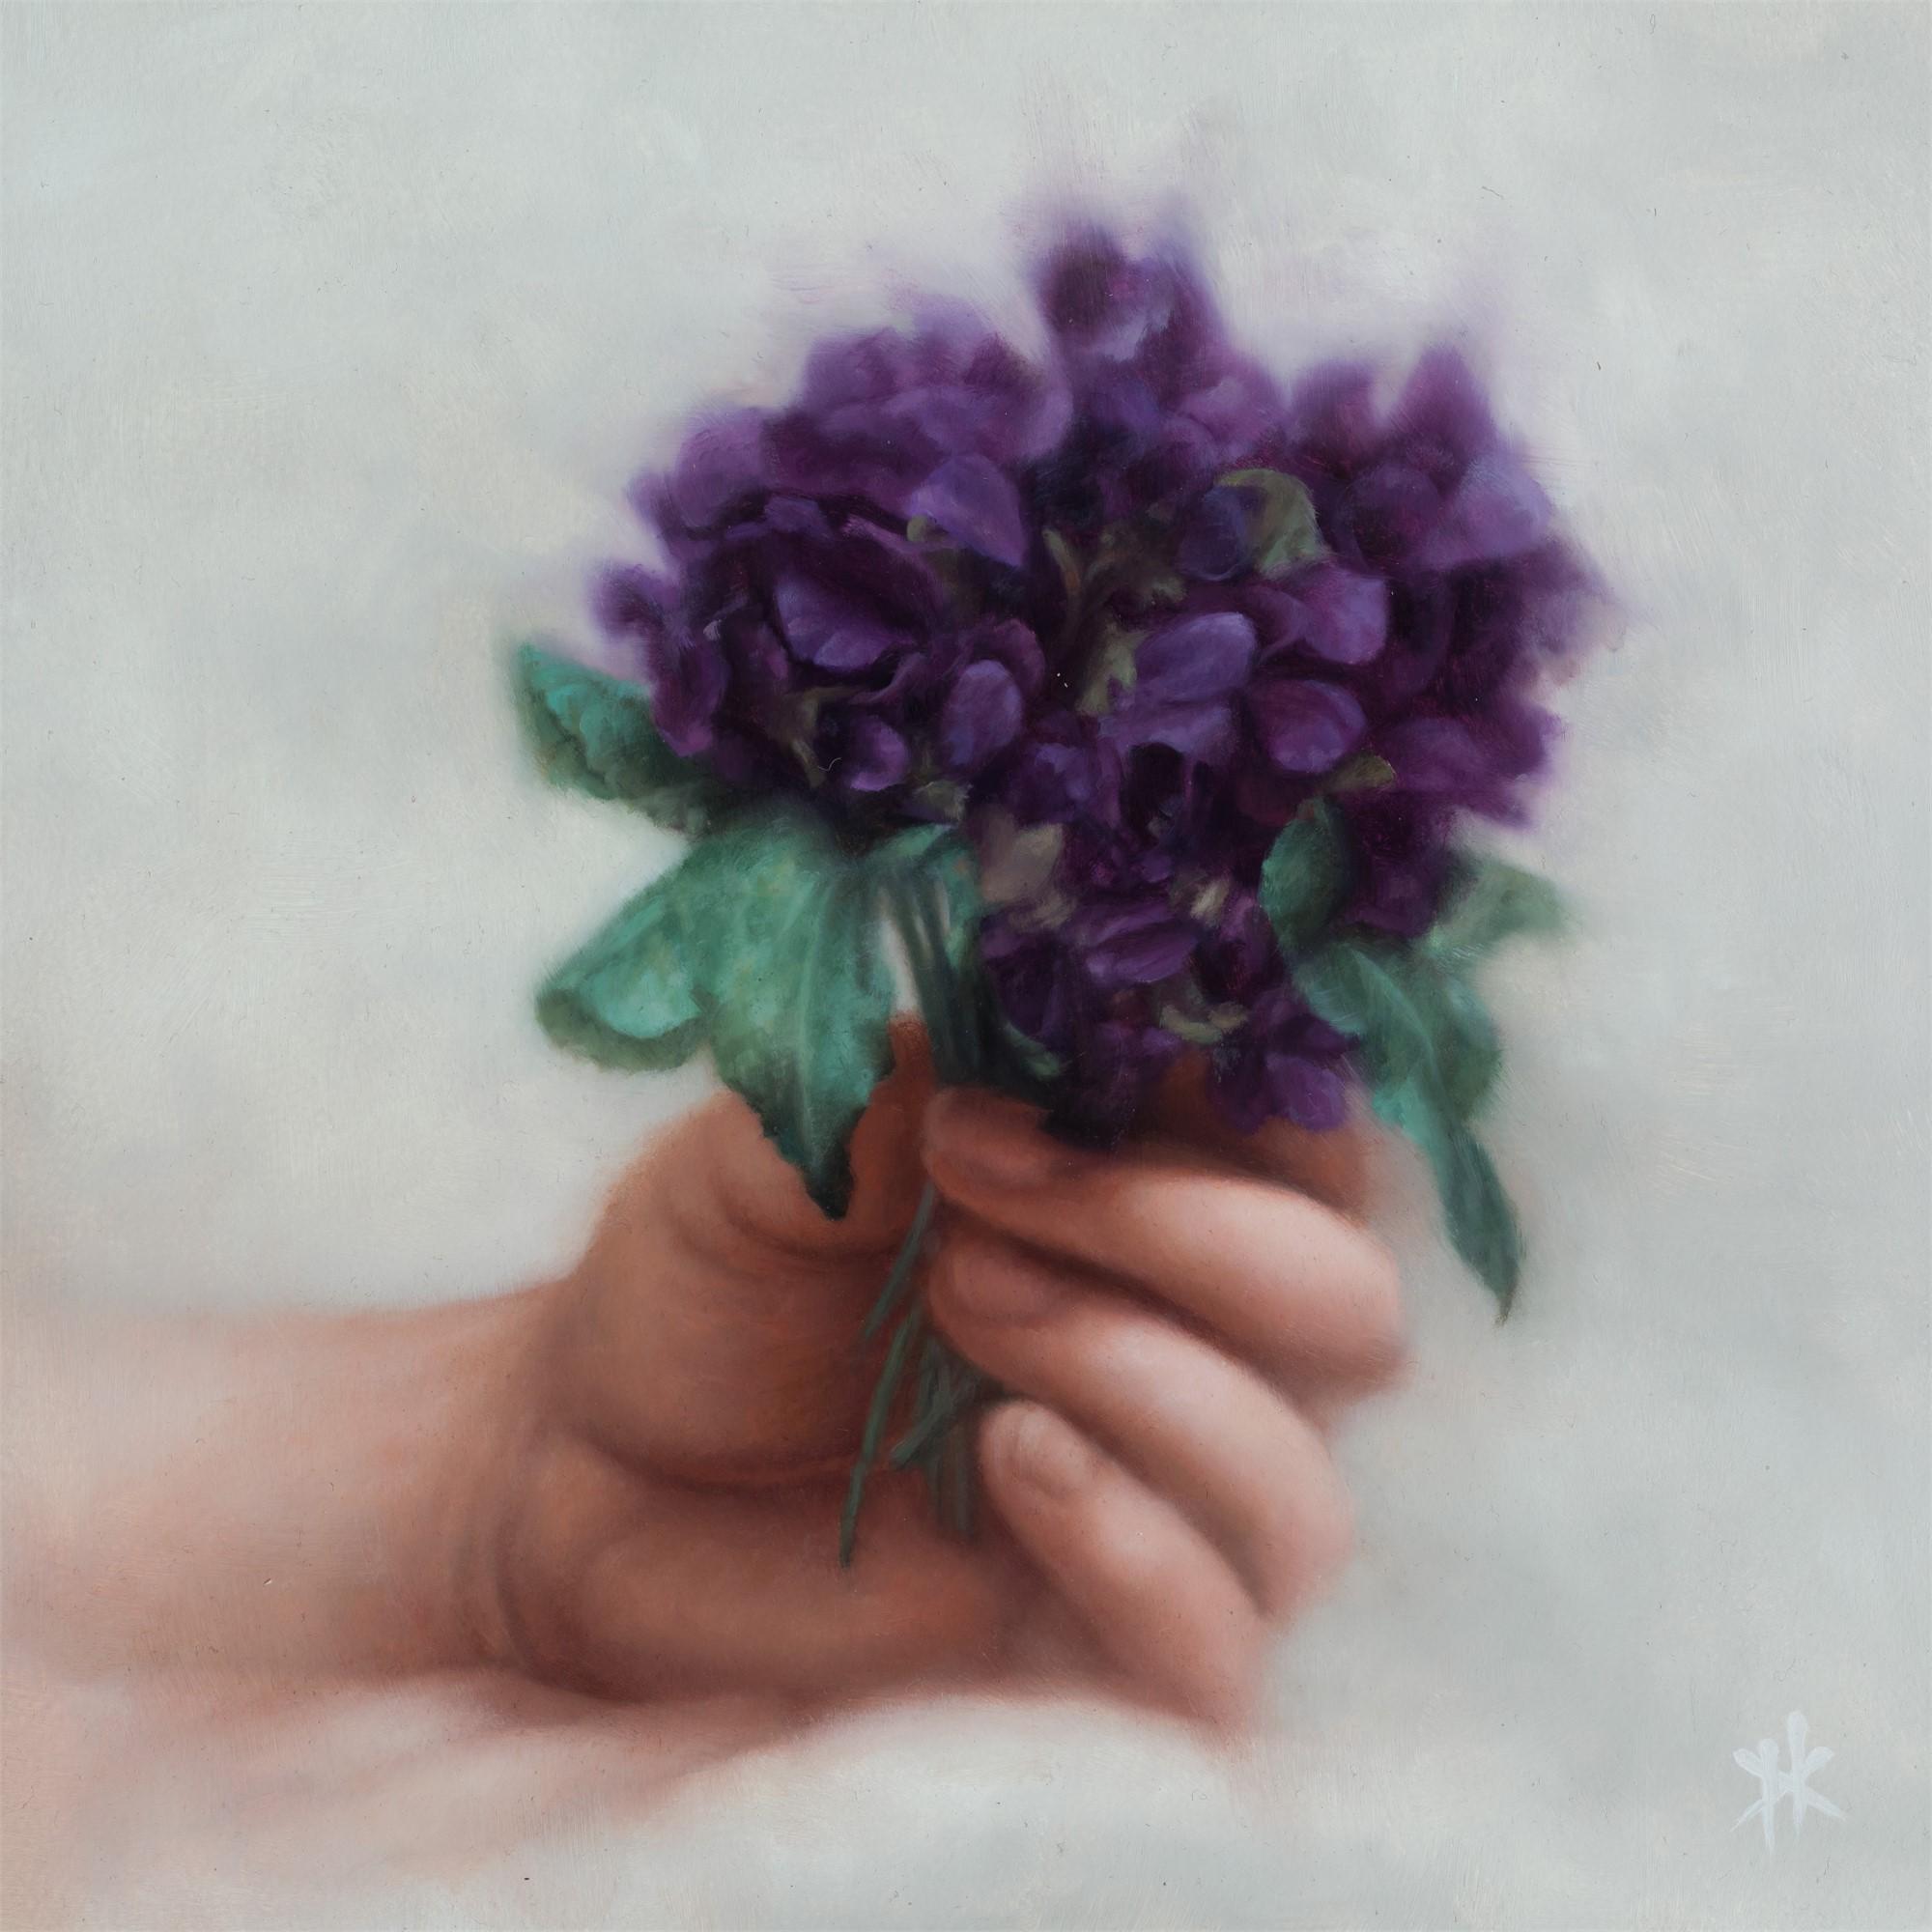 Violets by Patrick Kramer